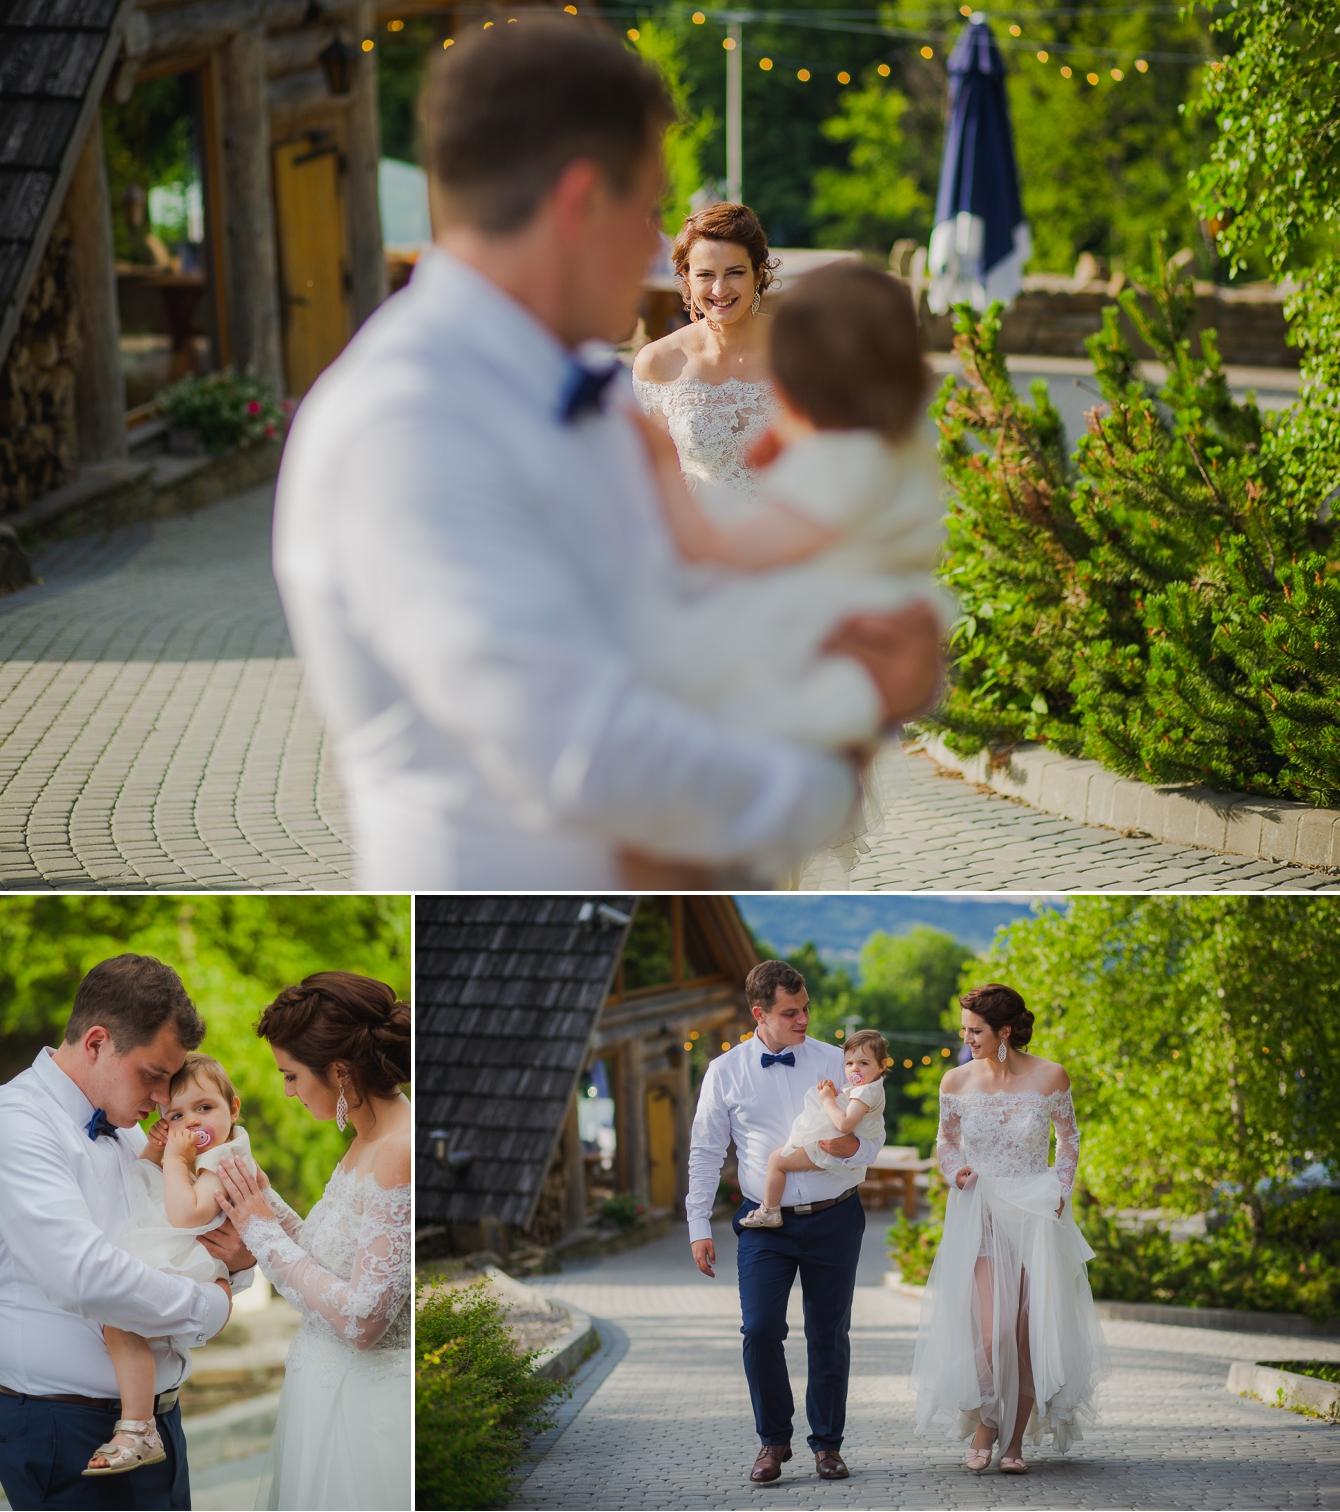 Ania i Damian - ślub w górach - Kocierz SPA - fotografia ślubna - bartek Wyrobek  (18).jpg